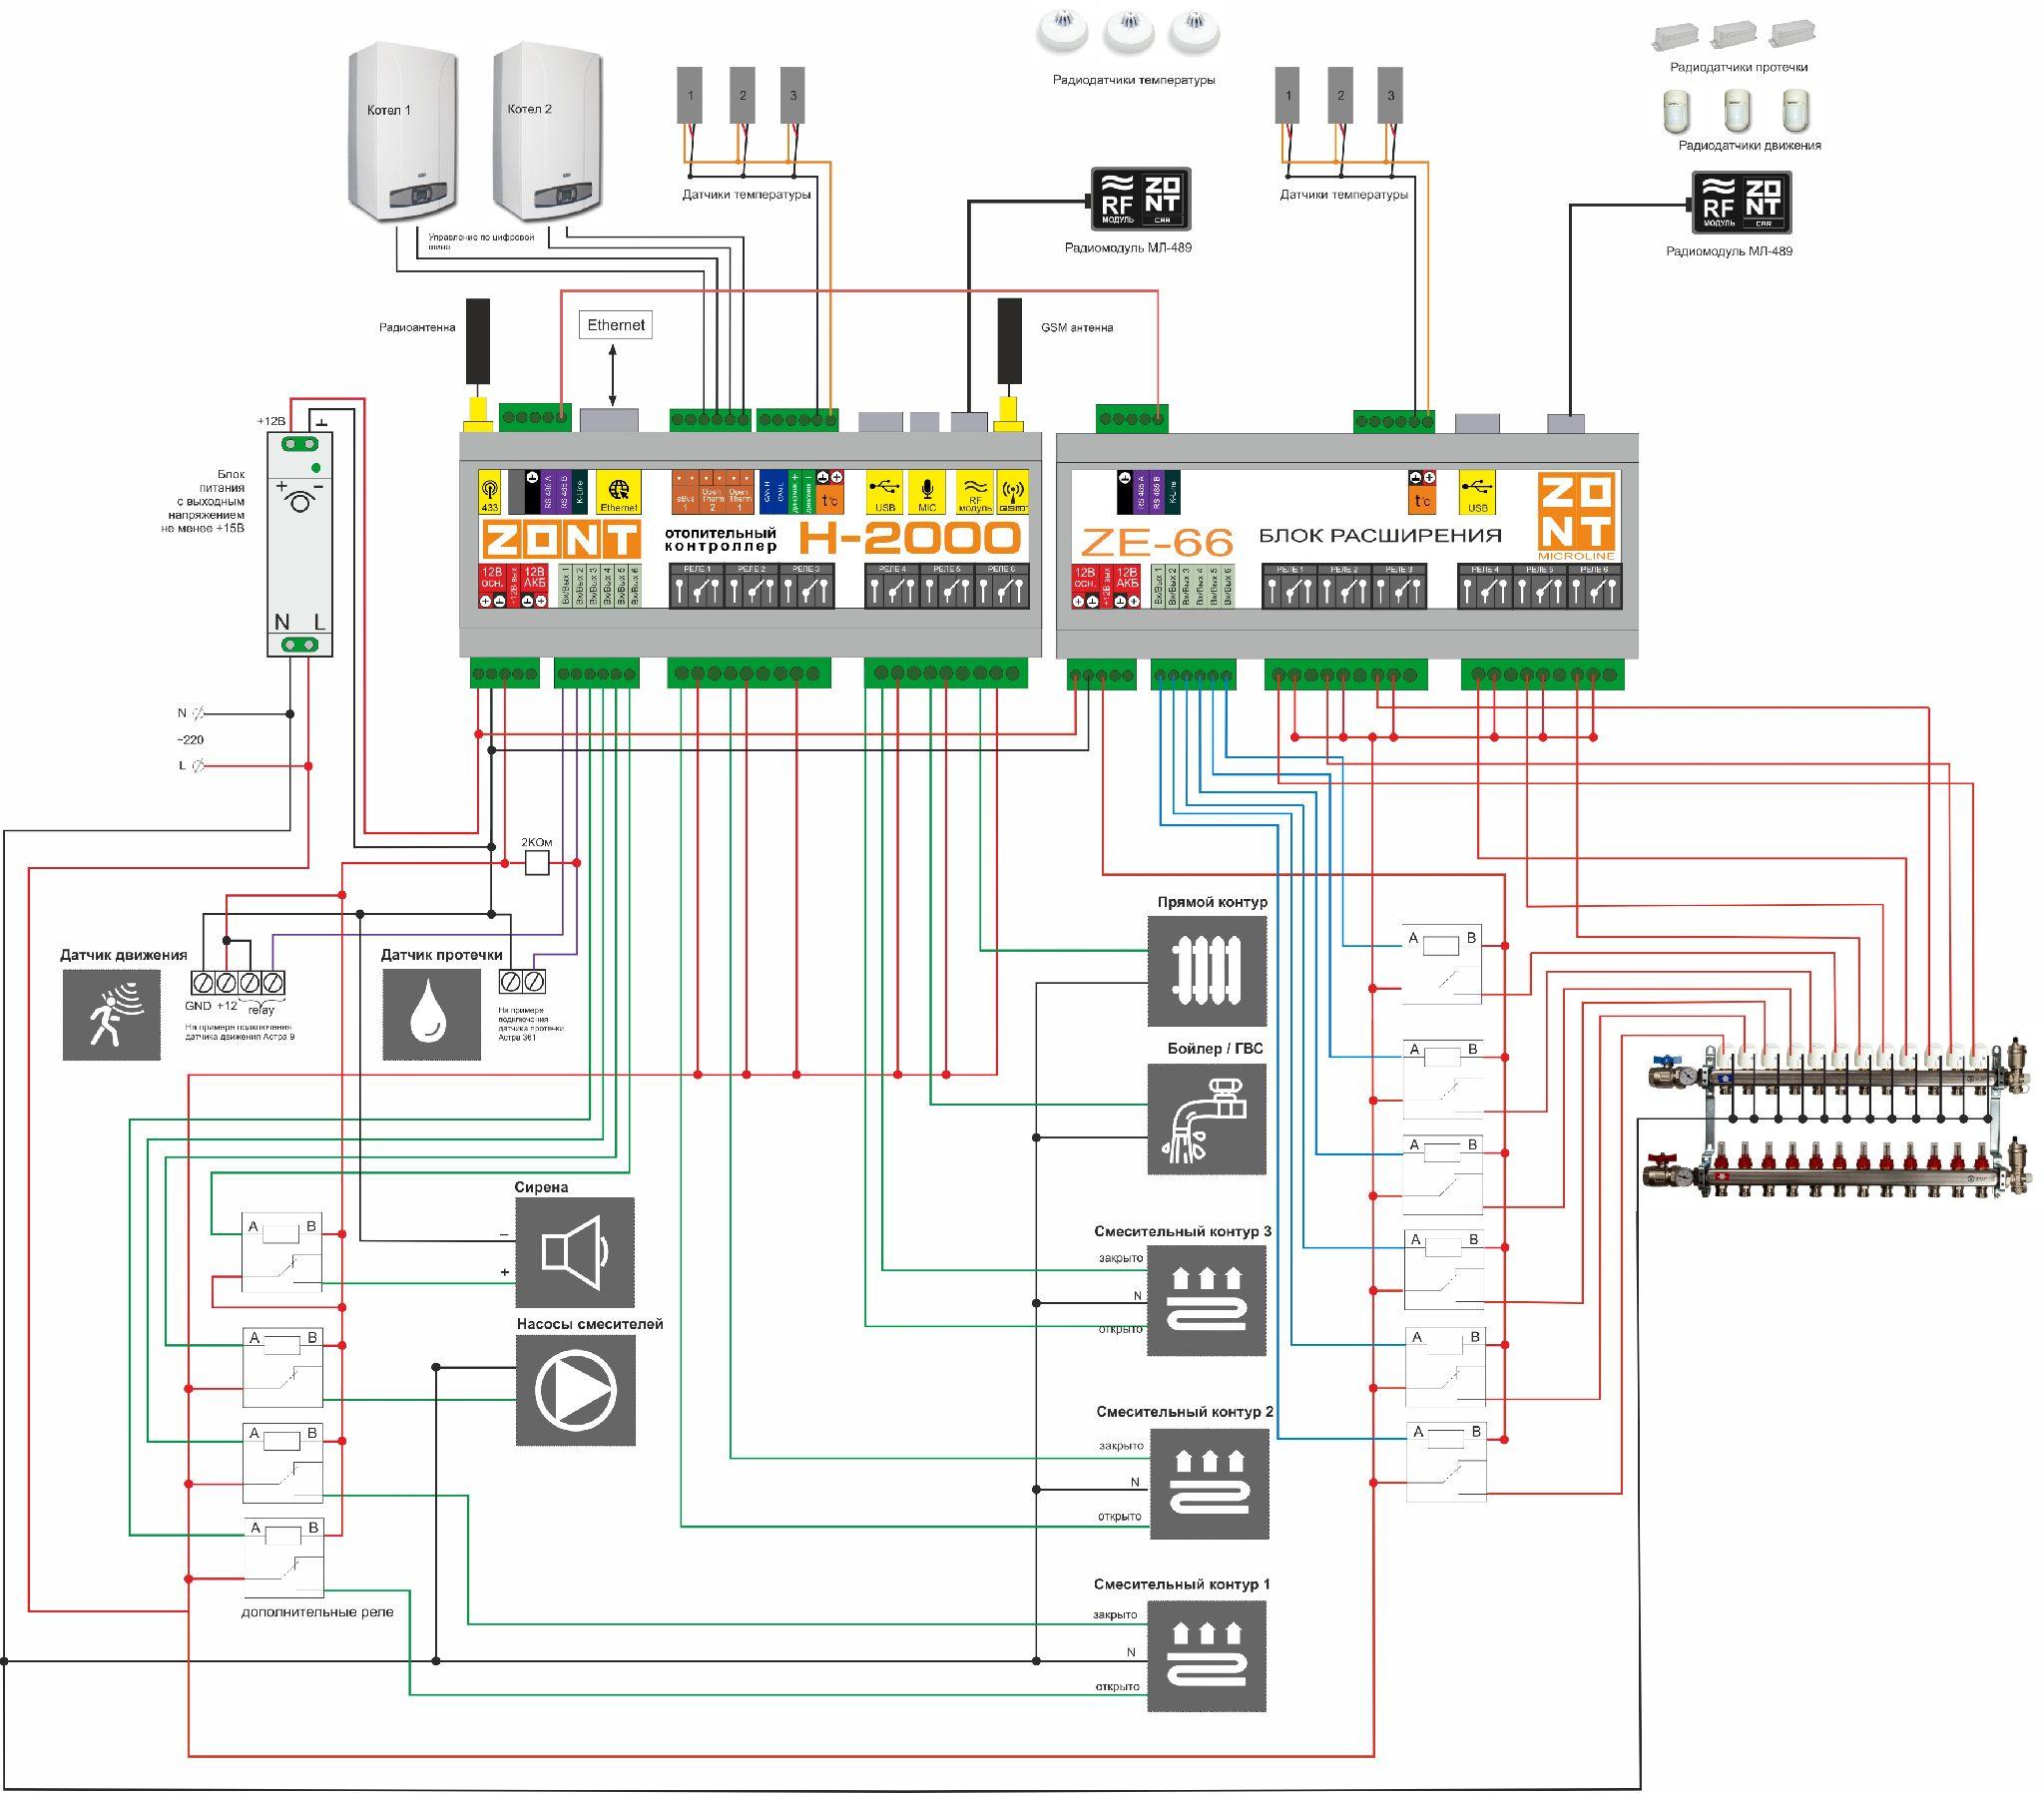 Модуль расширения ZE-66E для контроллеров ZONT H-2000+ и С-2000+ купить, цена, отзывы, характеристики, официальный магазин | Москва, Волоколамское шоссе, 103, тел. +7 (495) 208-00-68